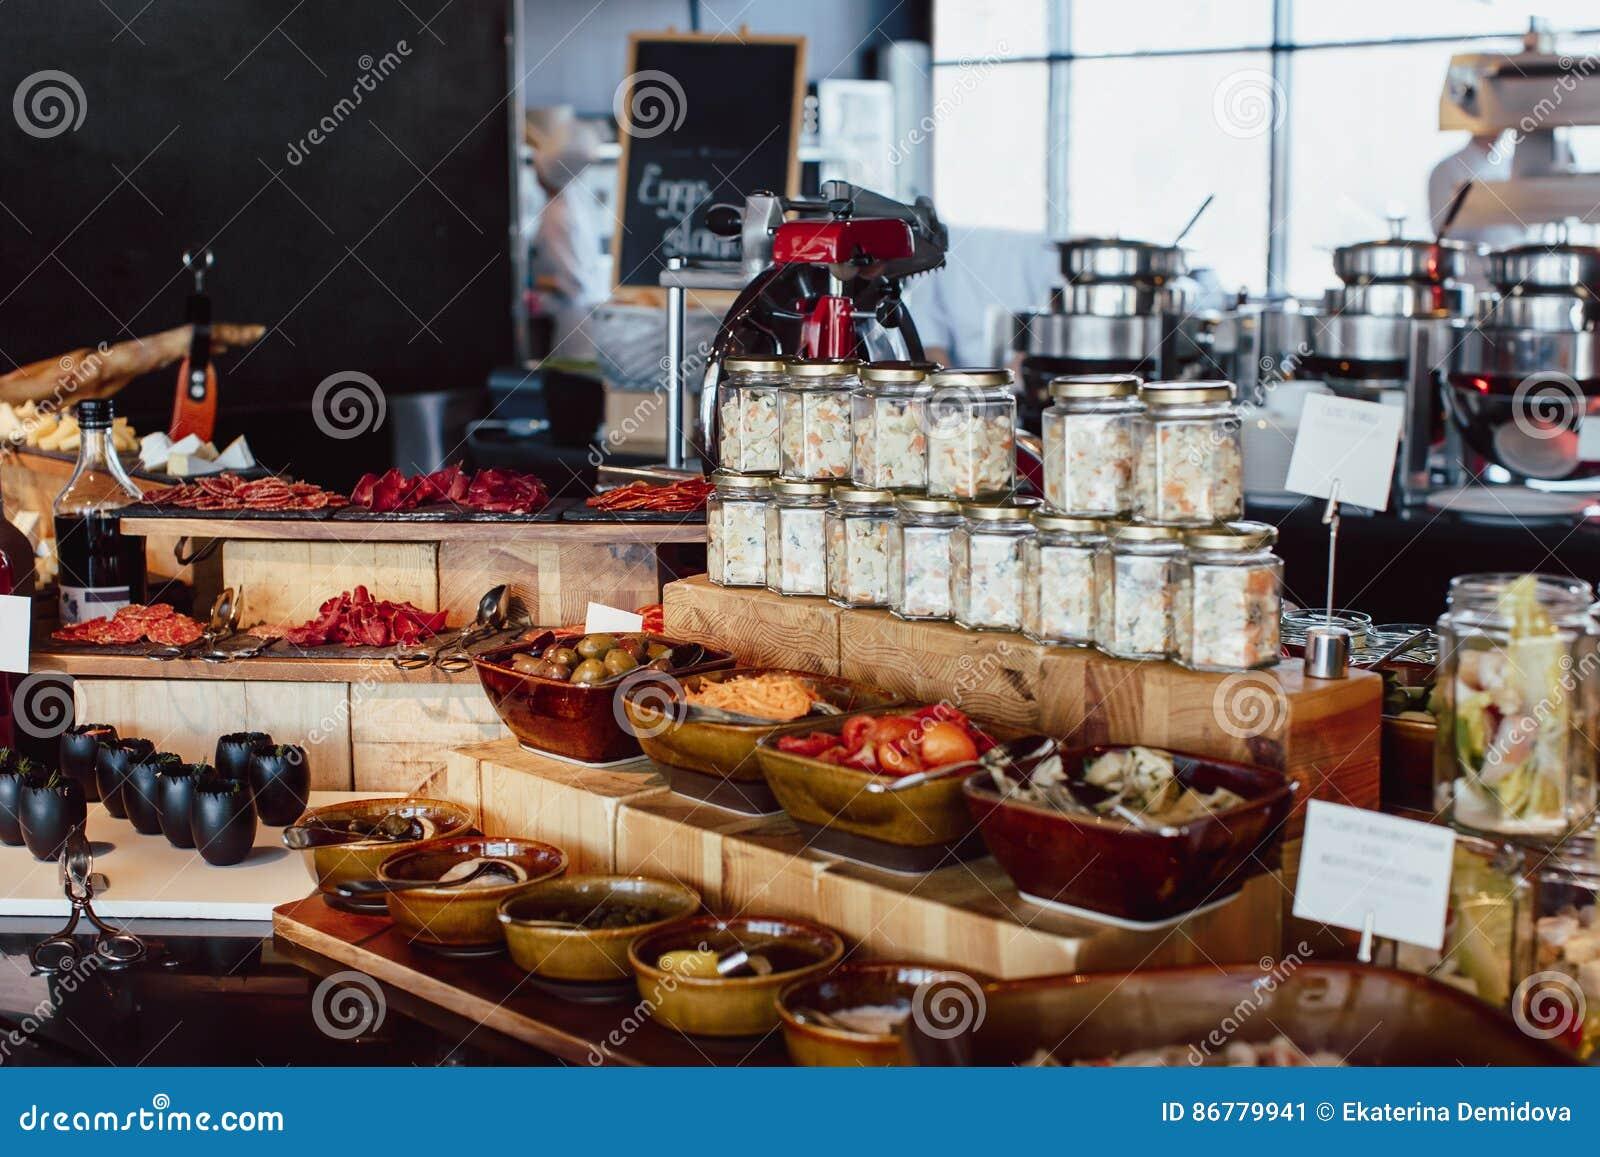 Frühstücksbuffet In Der Offenen Küche Des Restaurants Stockbild ...